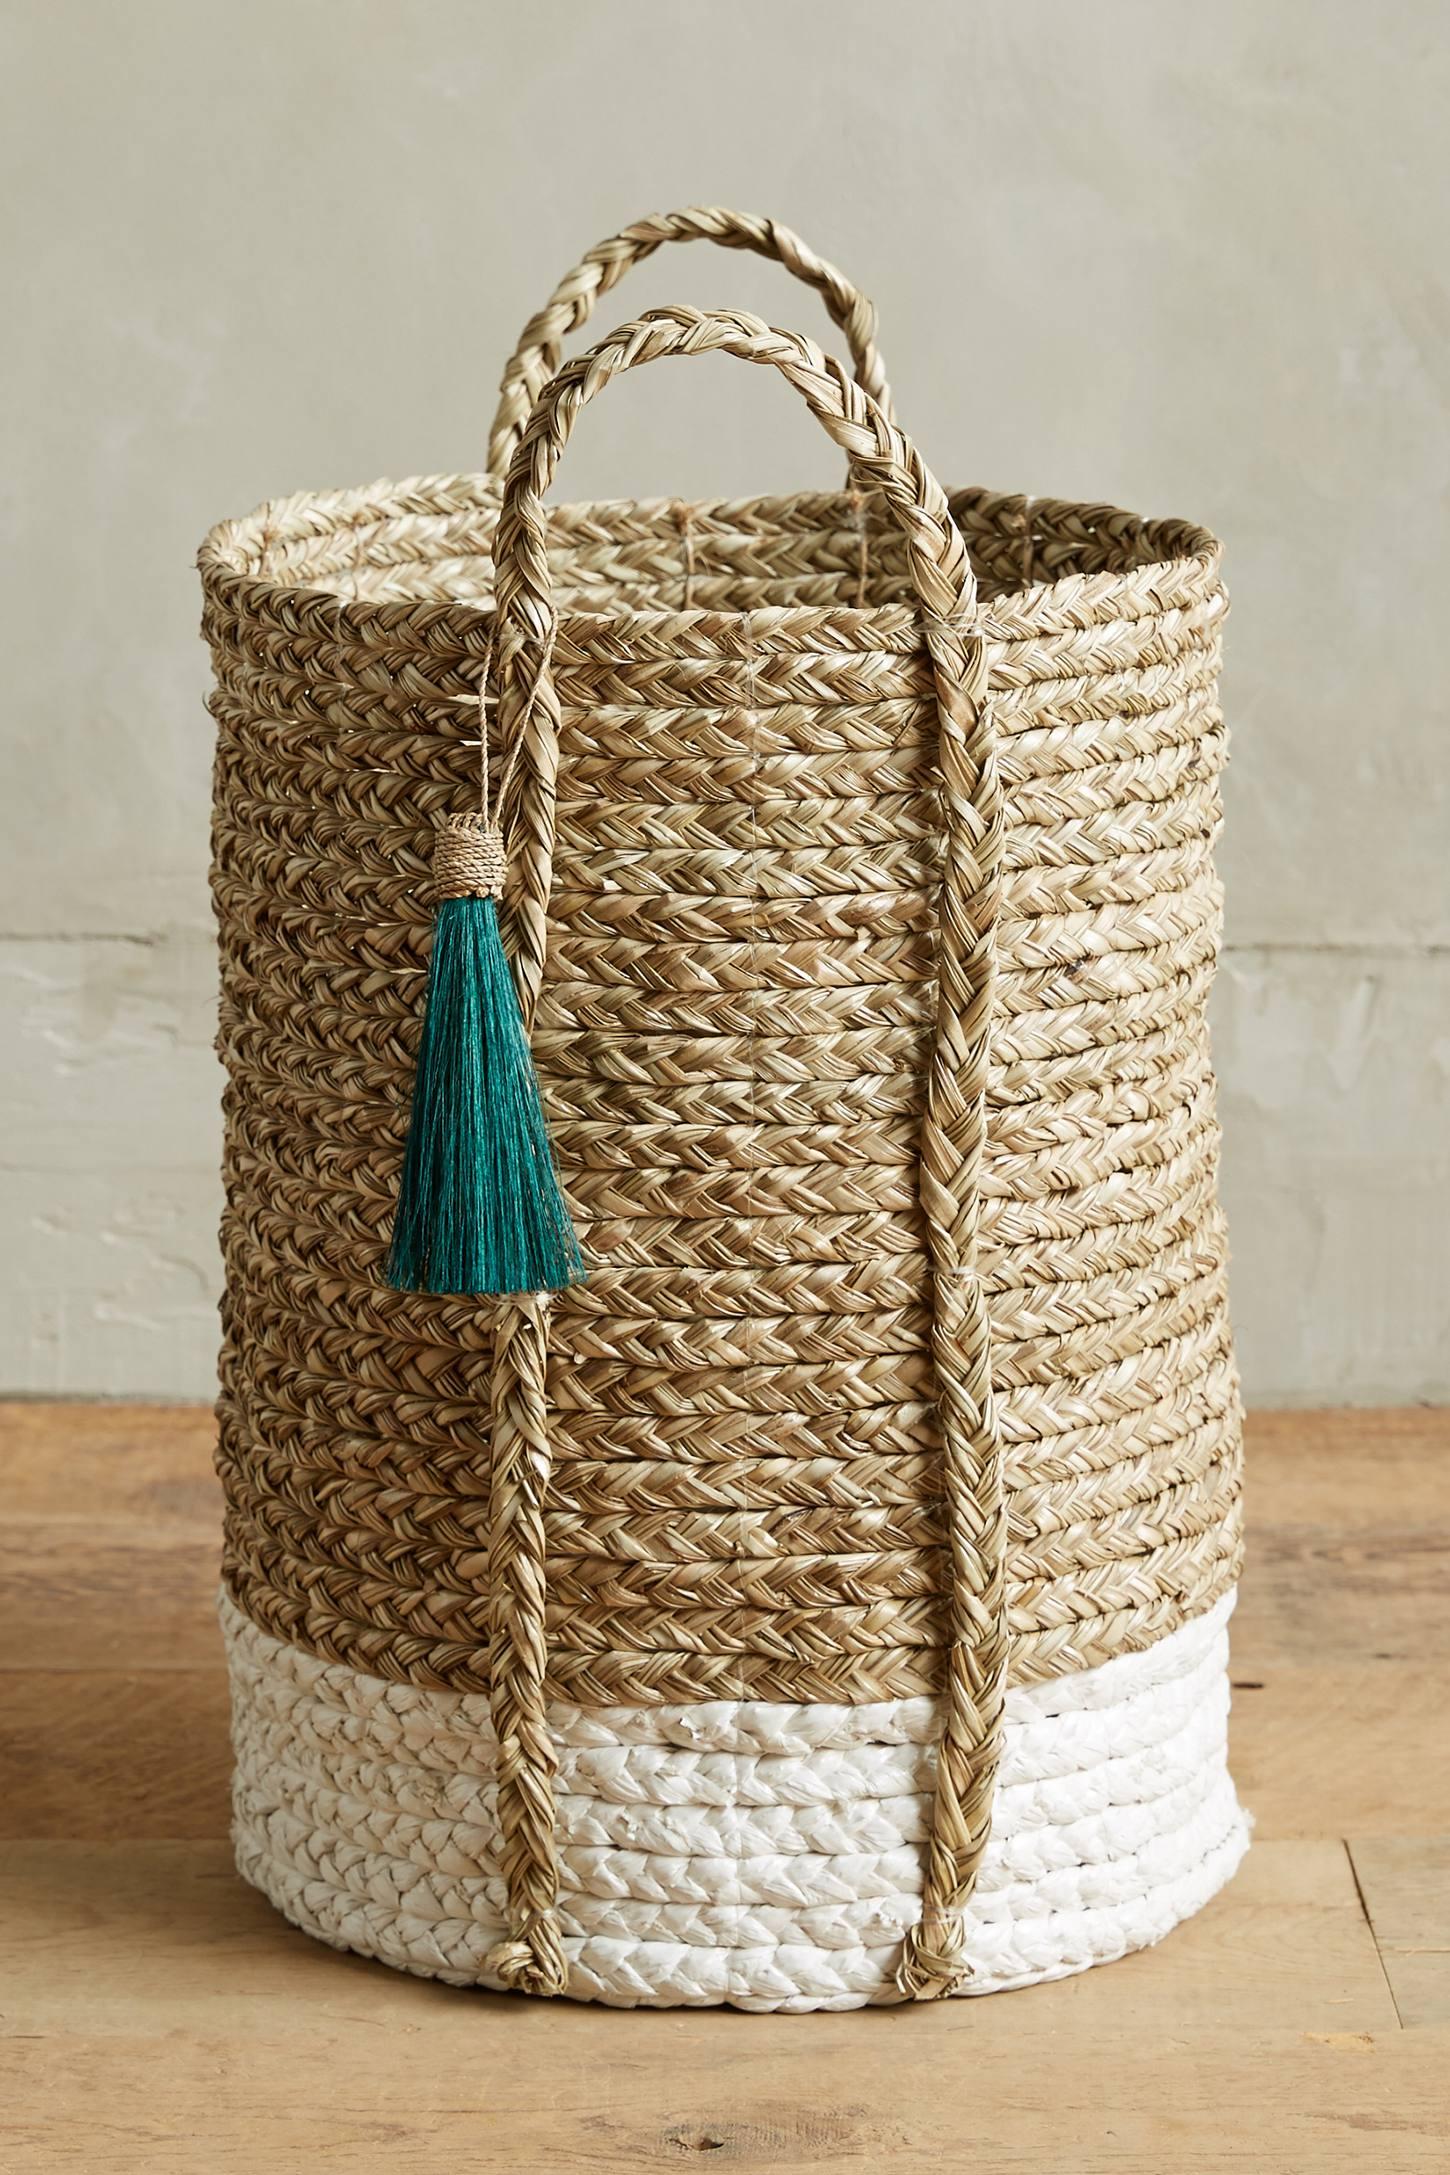 Tassel laundry basket from Anthropologie